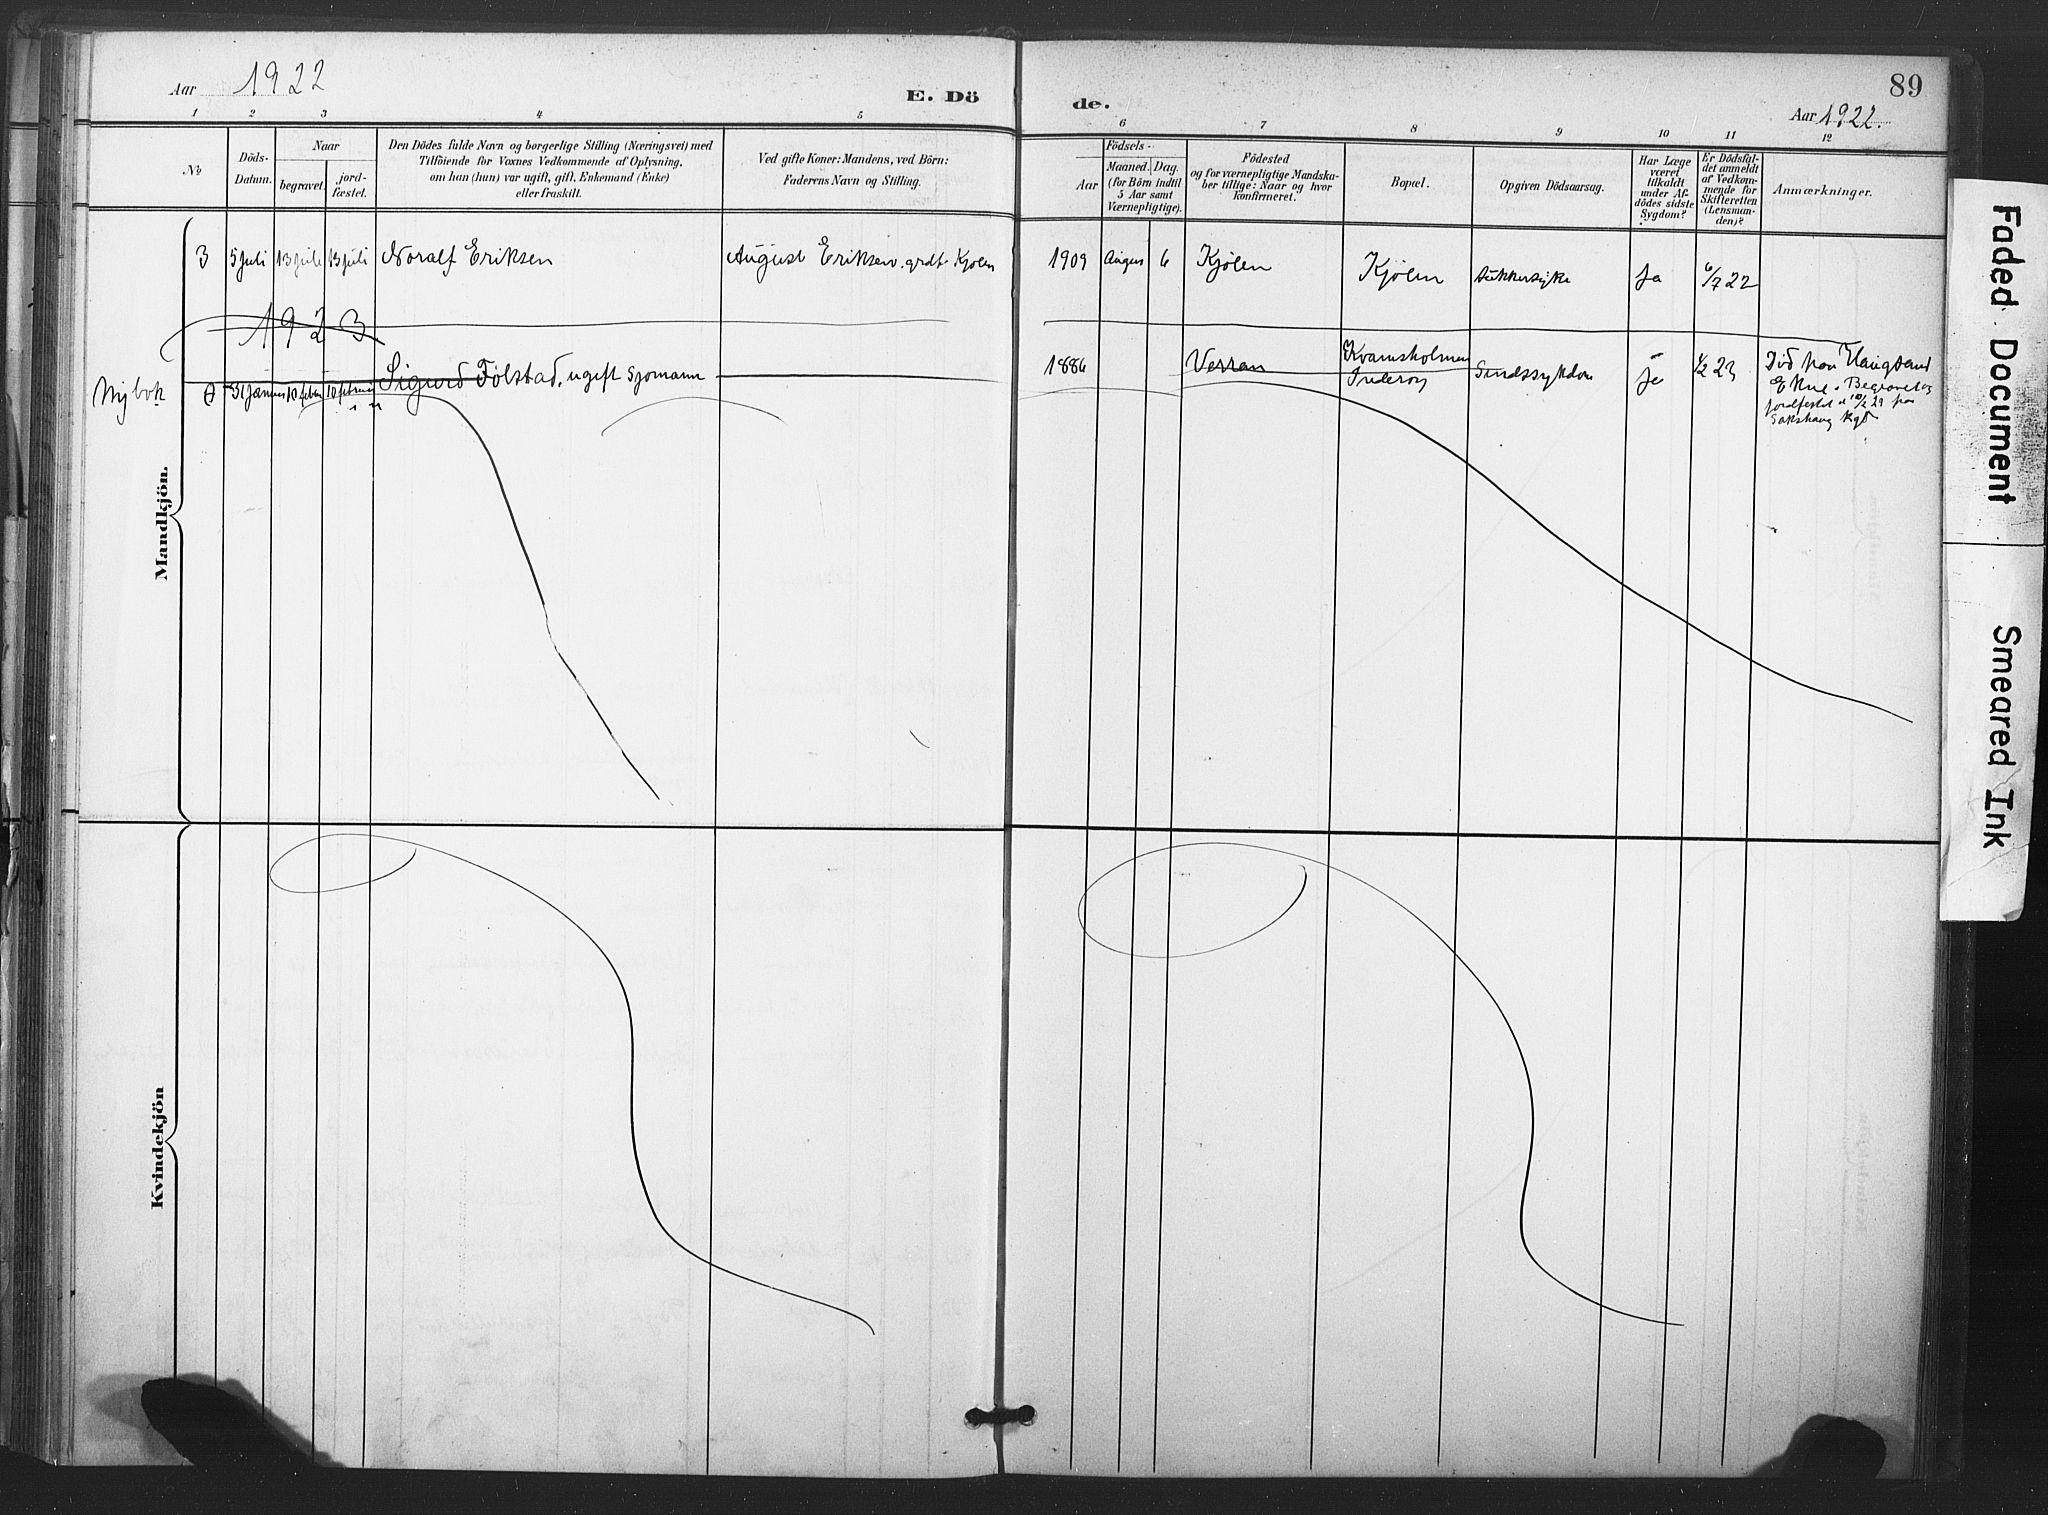 SAT, Ministerialprotokoller, klokkerbøker og fødselsregistre - Nord-Trøndelag, 719/L0179: Ministerialbok nr. 719A02, 1901-1923, s. 89